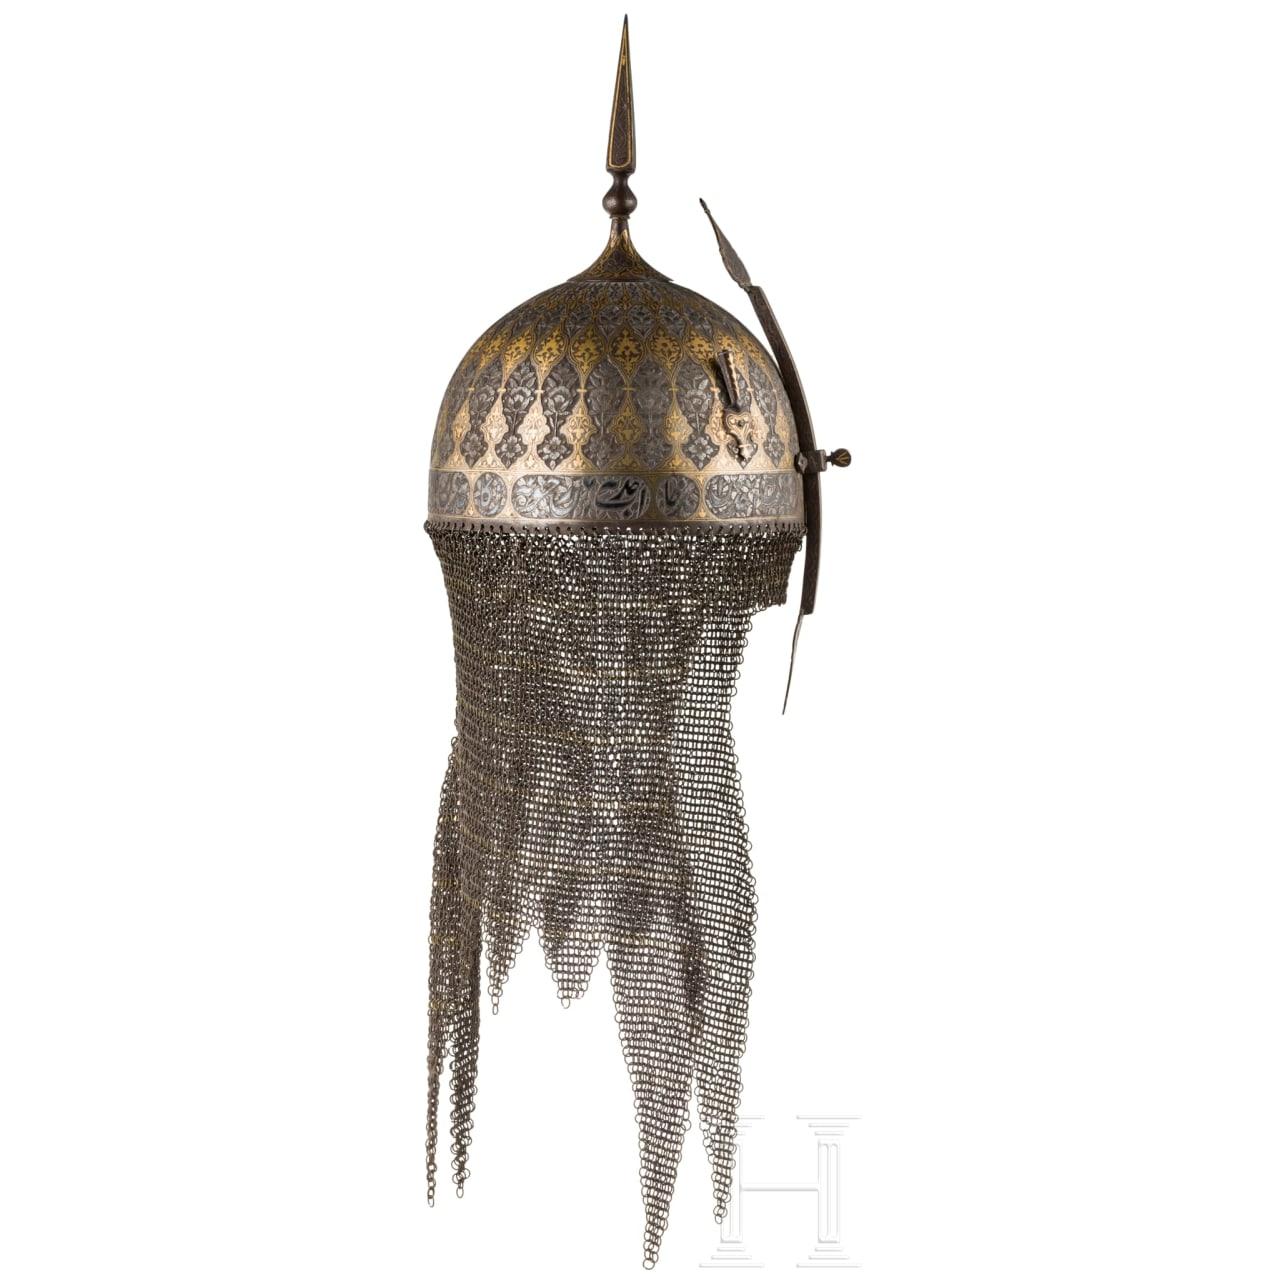 Geschnittener und goldtauschierter Helm und Schild, Persien, 19. Jhdt.